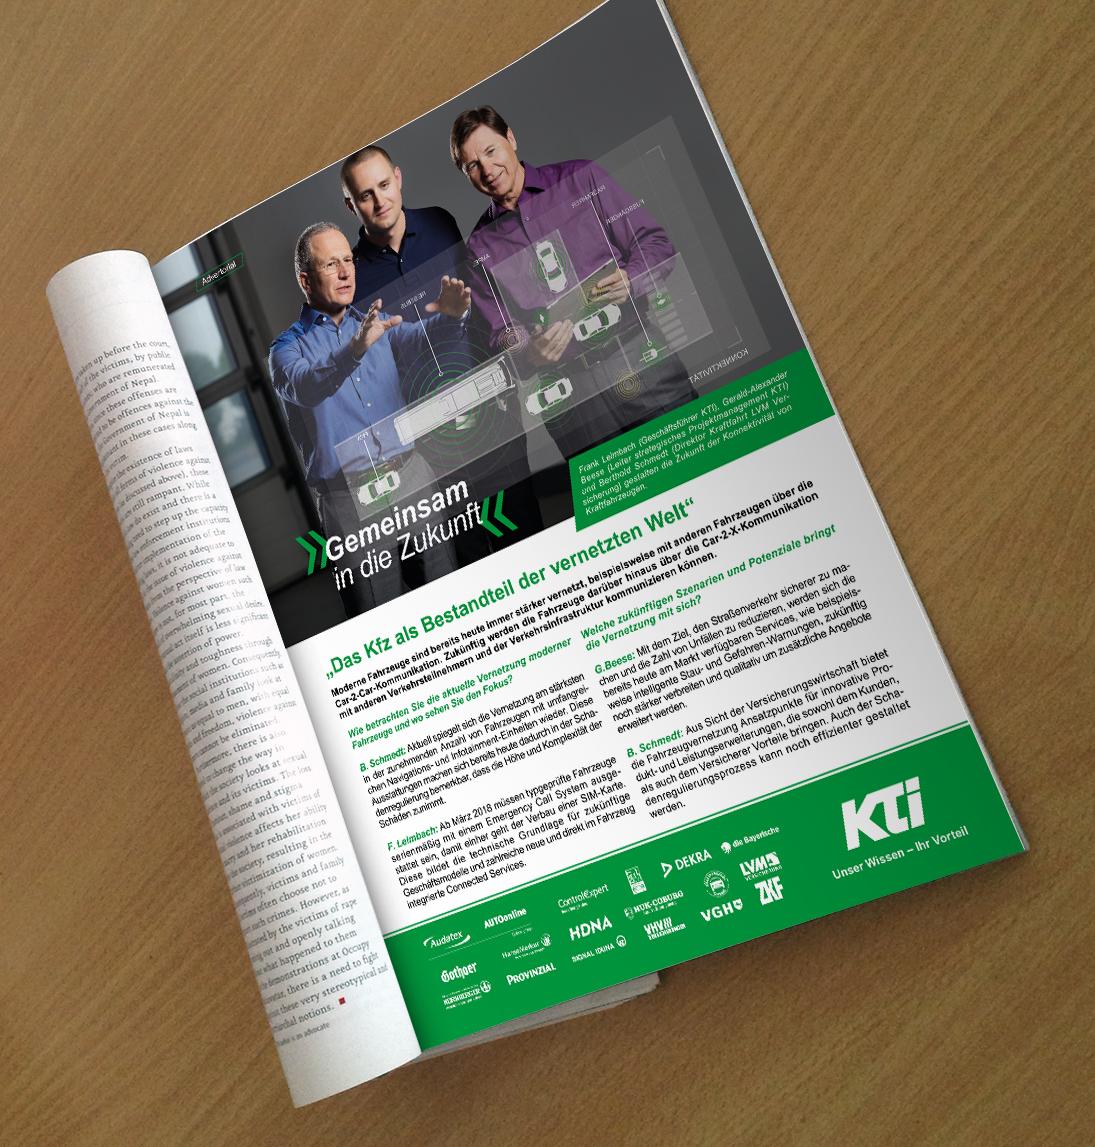 KTI Advertorials